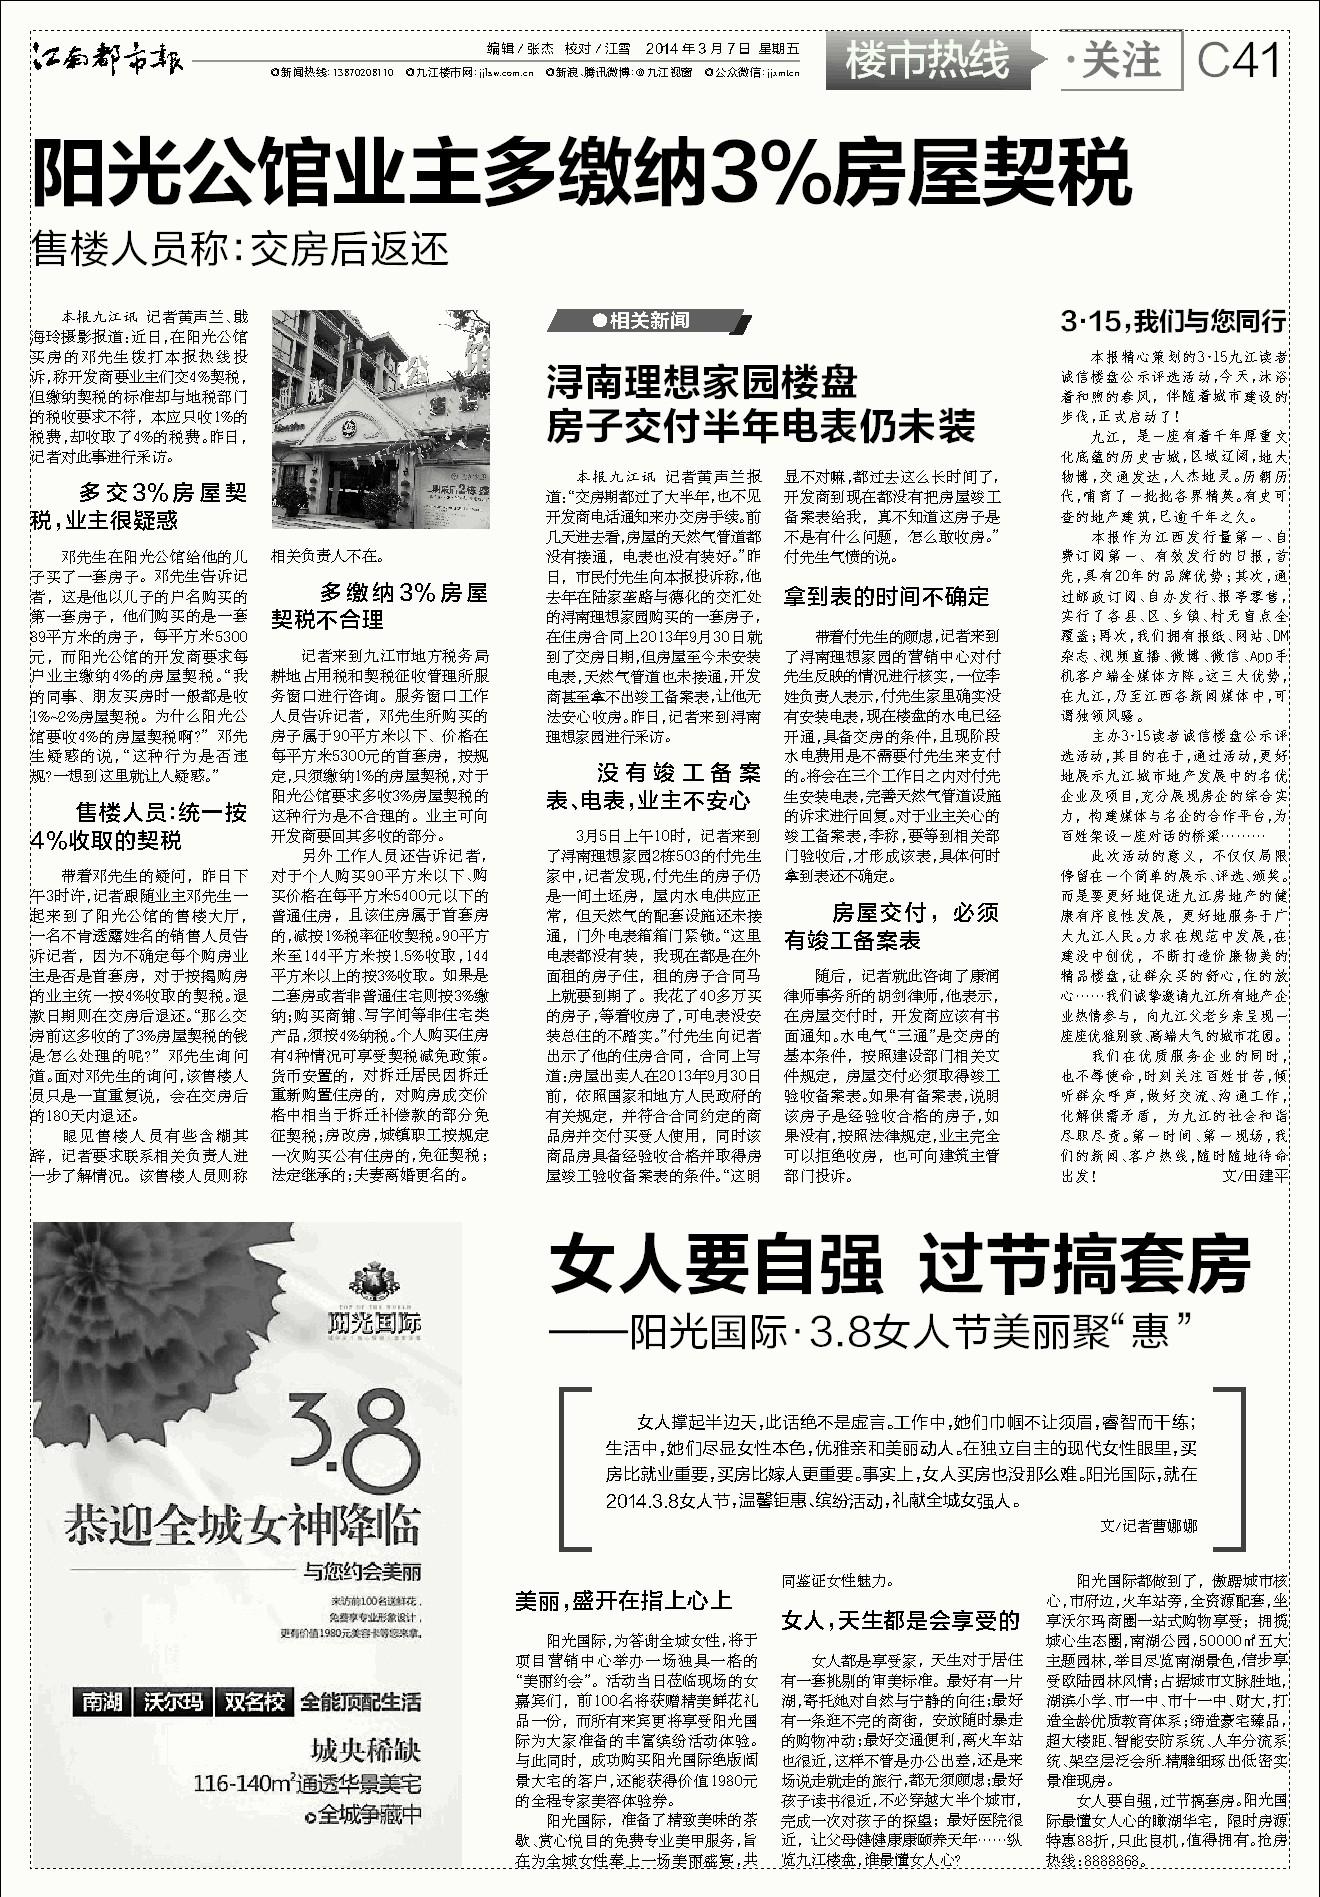 江南都市报3月7日《亚博体育app苹果楼市版》三版